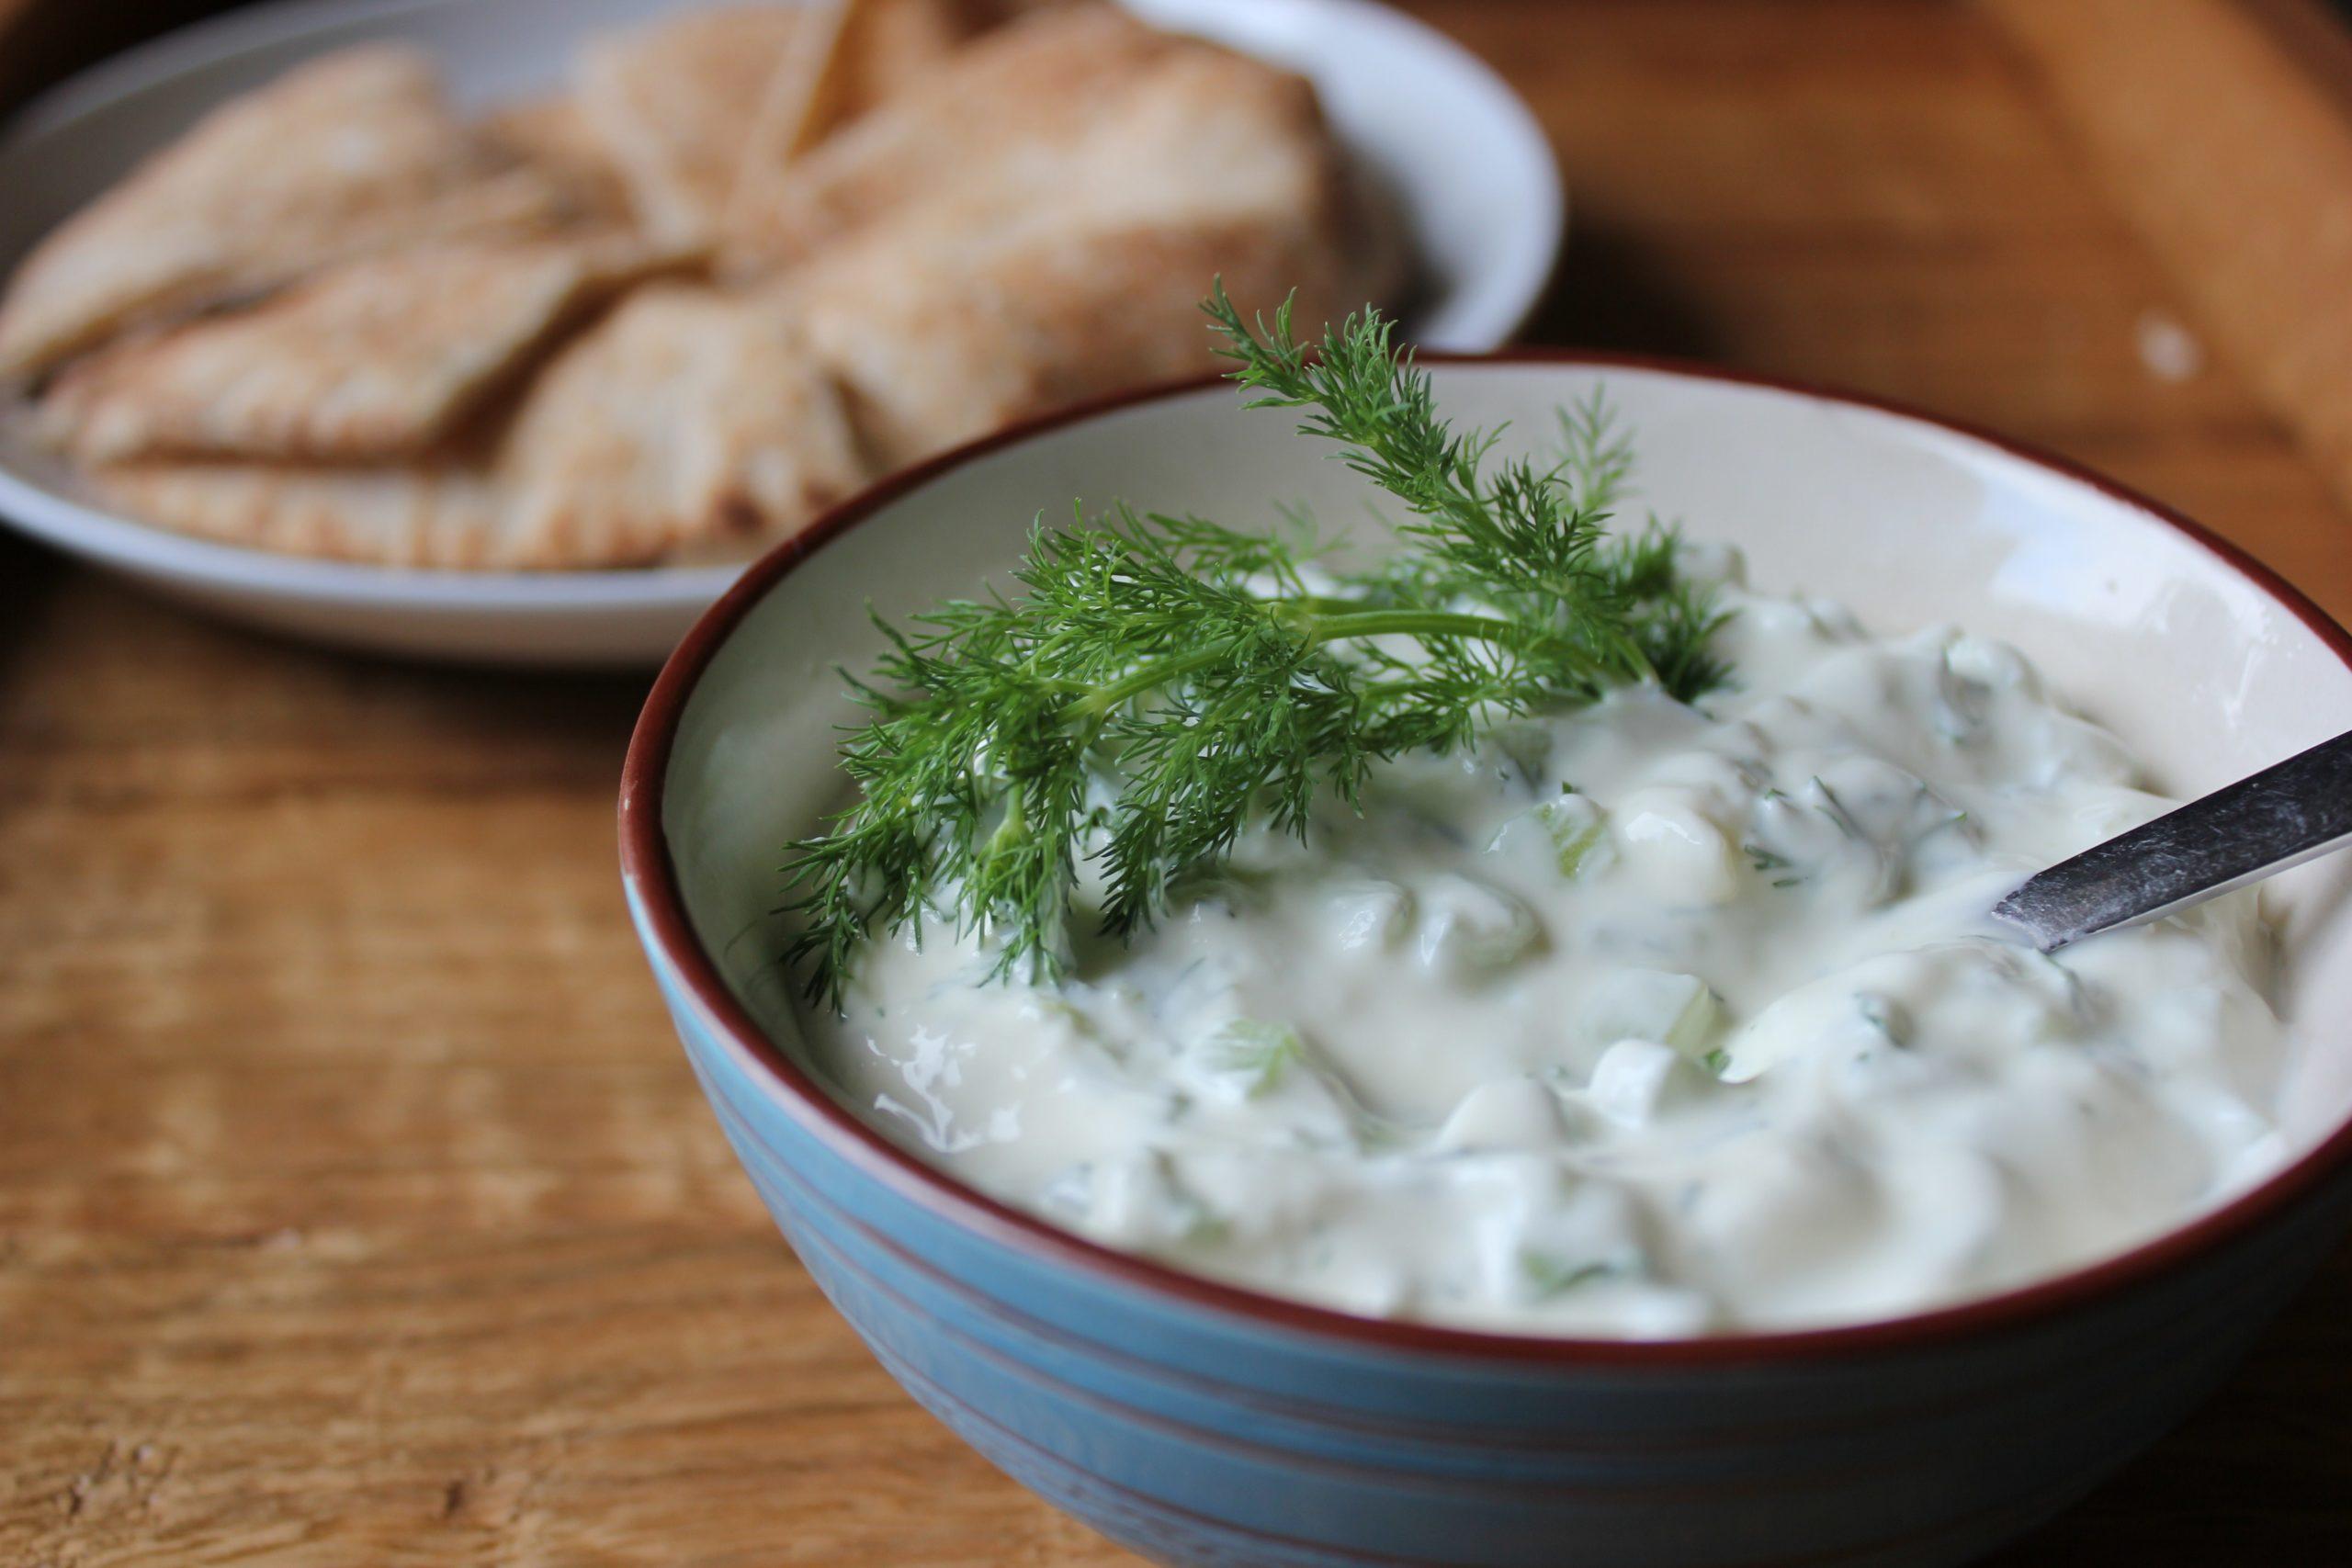 Греческий йогурт с чем есть и как приготовить самостоятельно